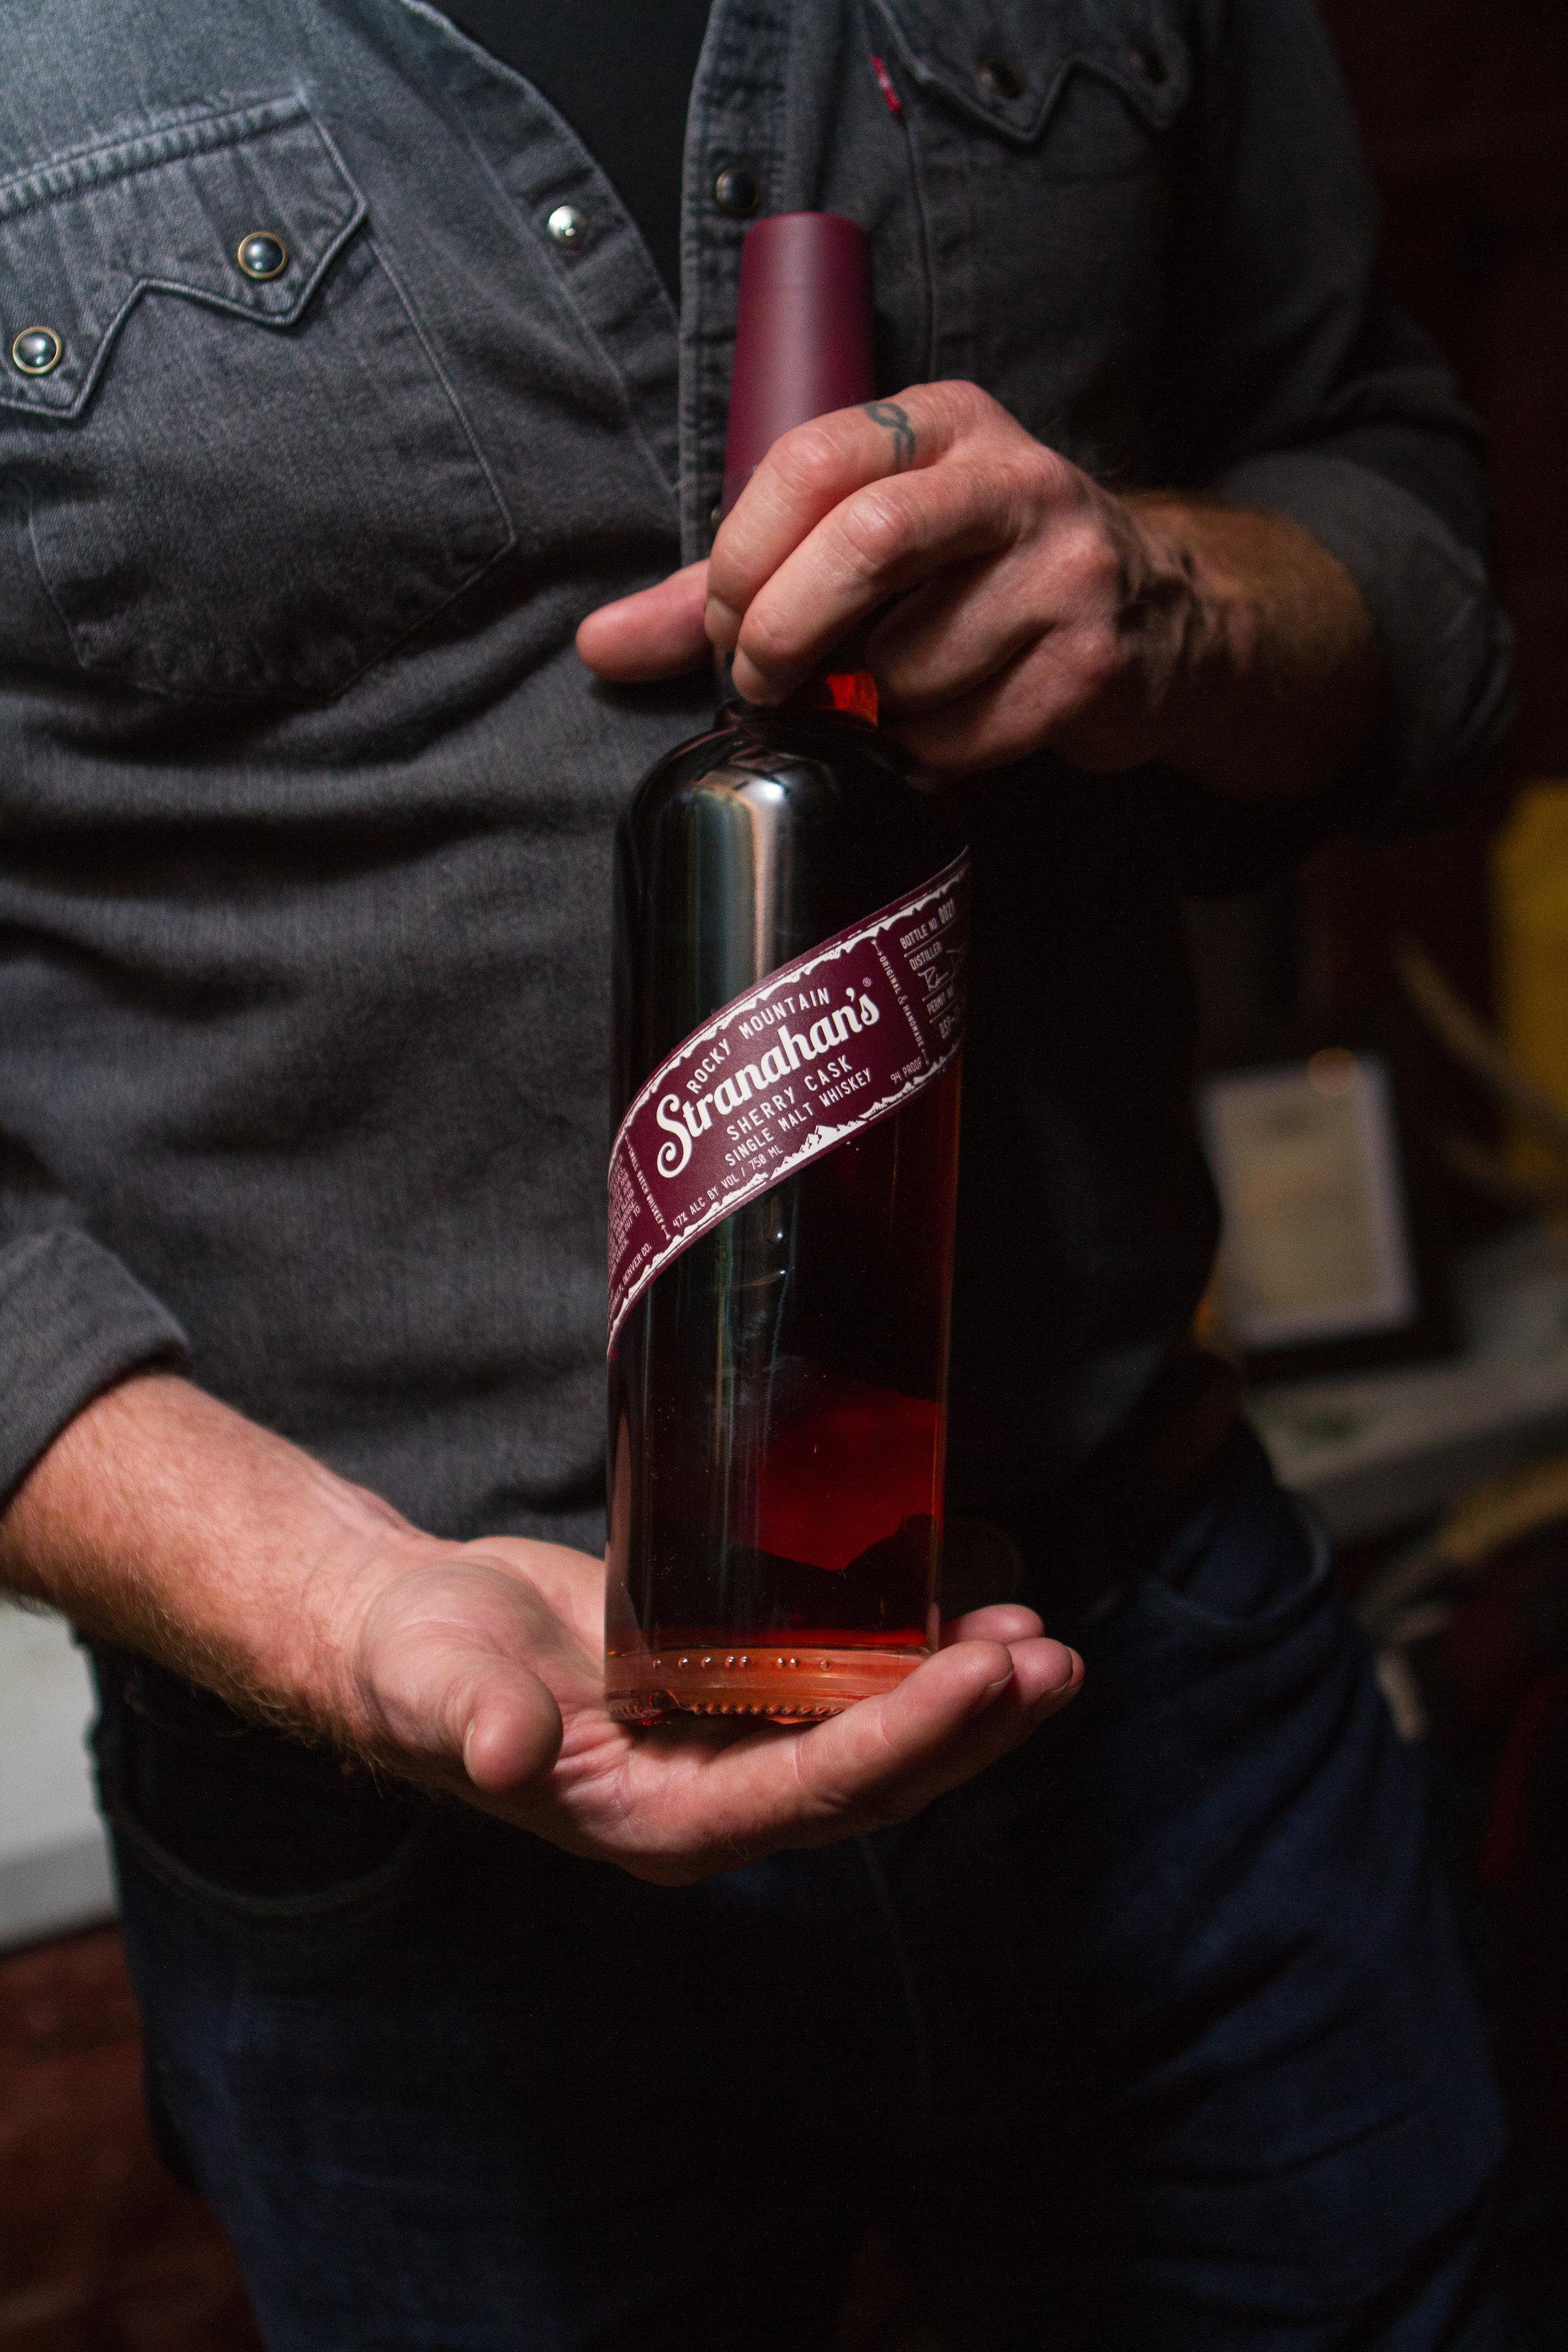 15_stranahan_credit Stranahan_s Rocky Mountain Single Malt Whiskey